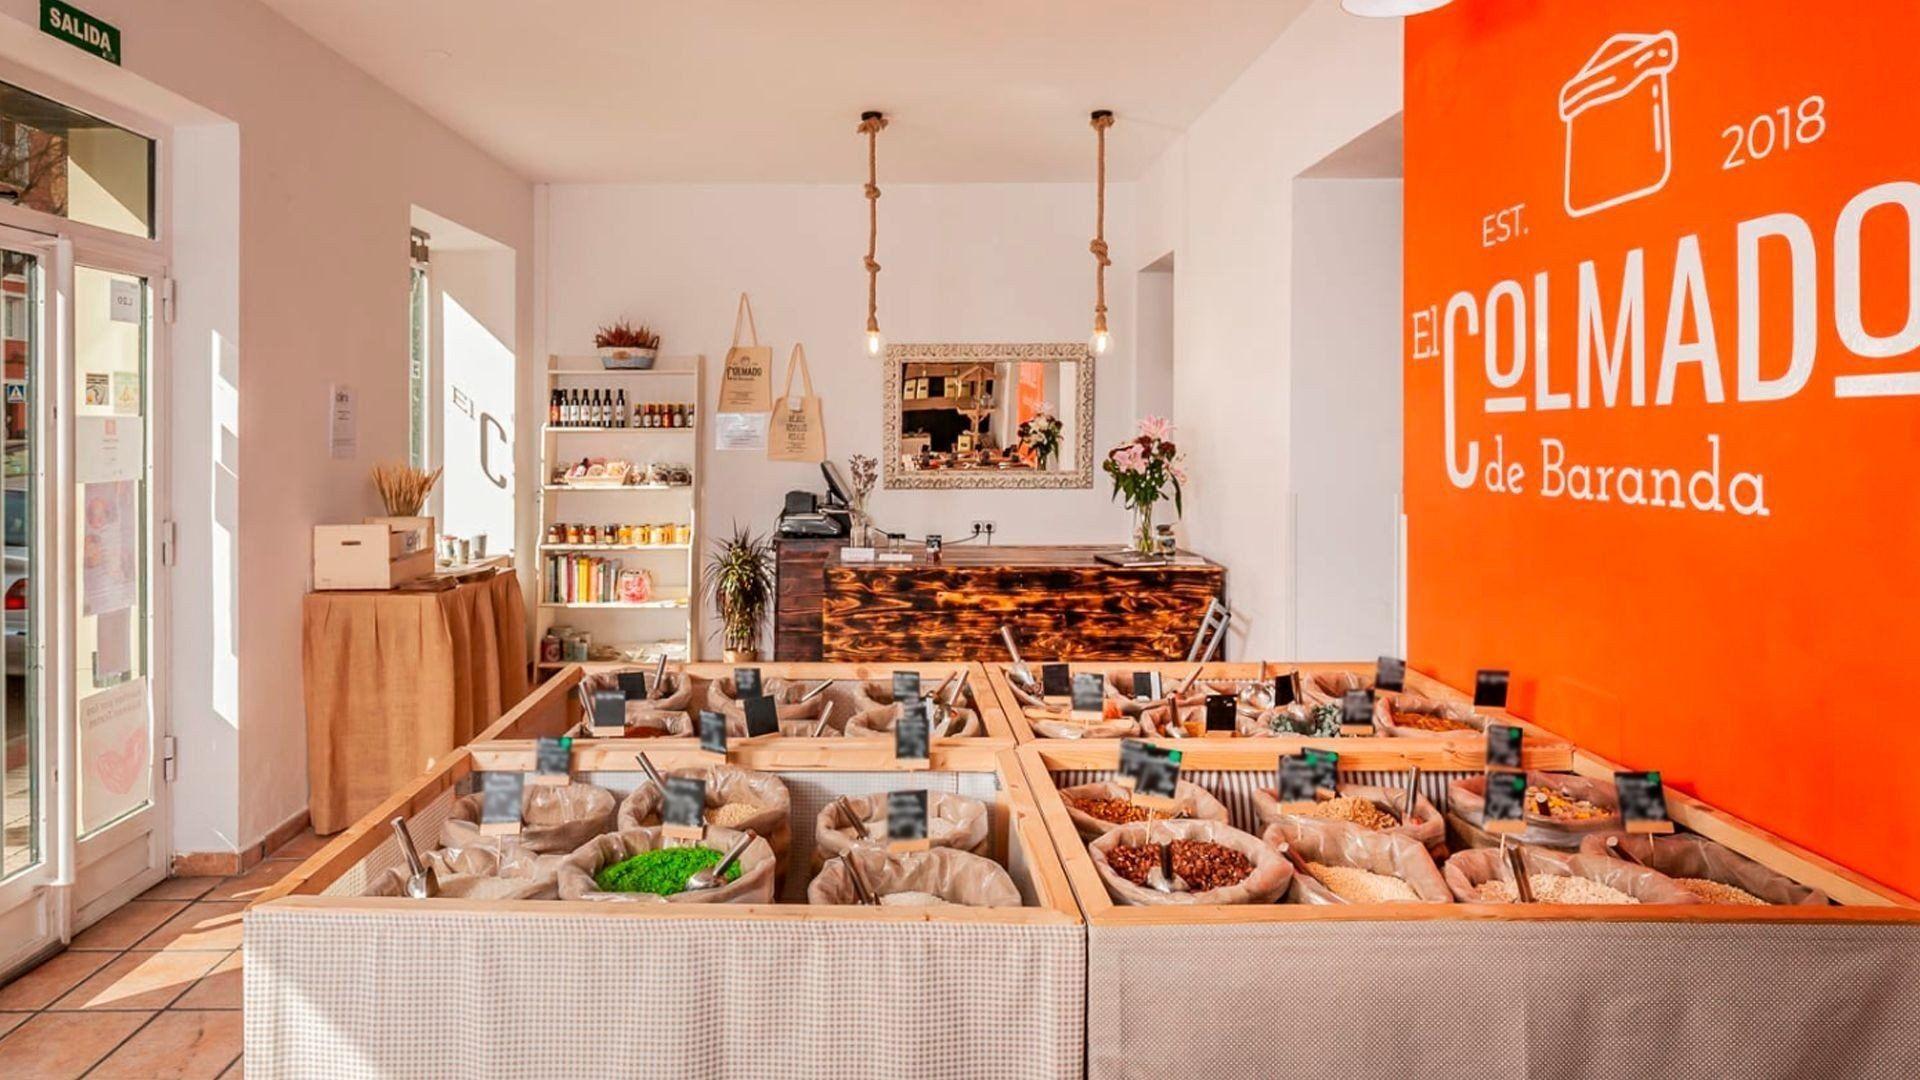 Tienda de productos a granel en Madrid